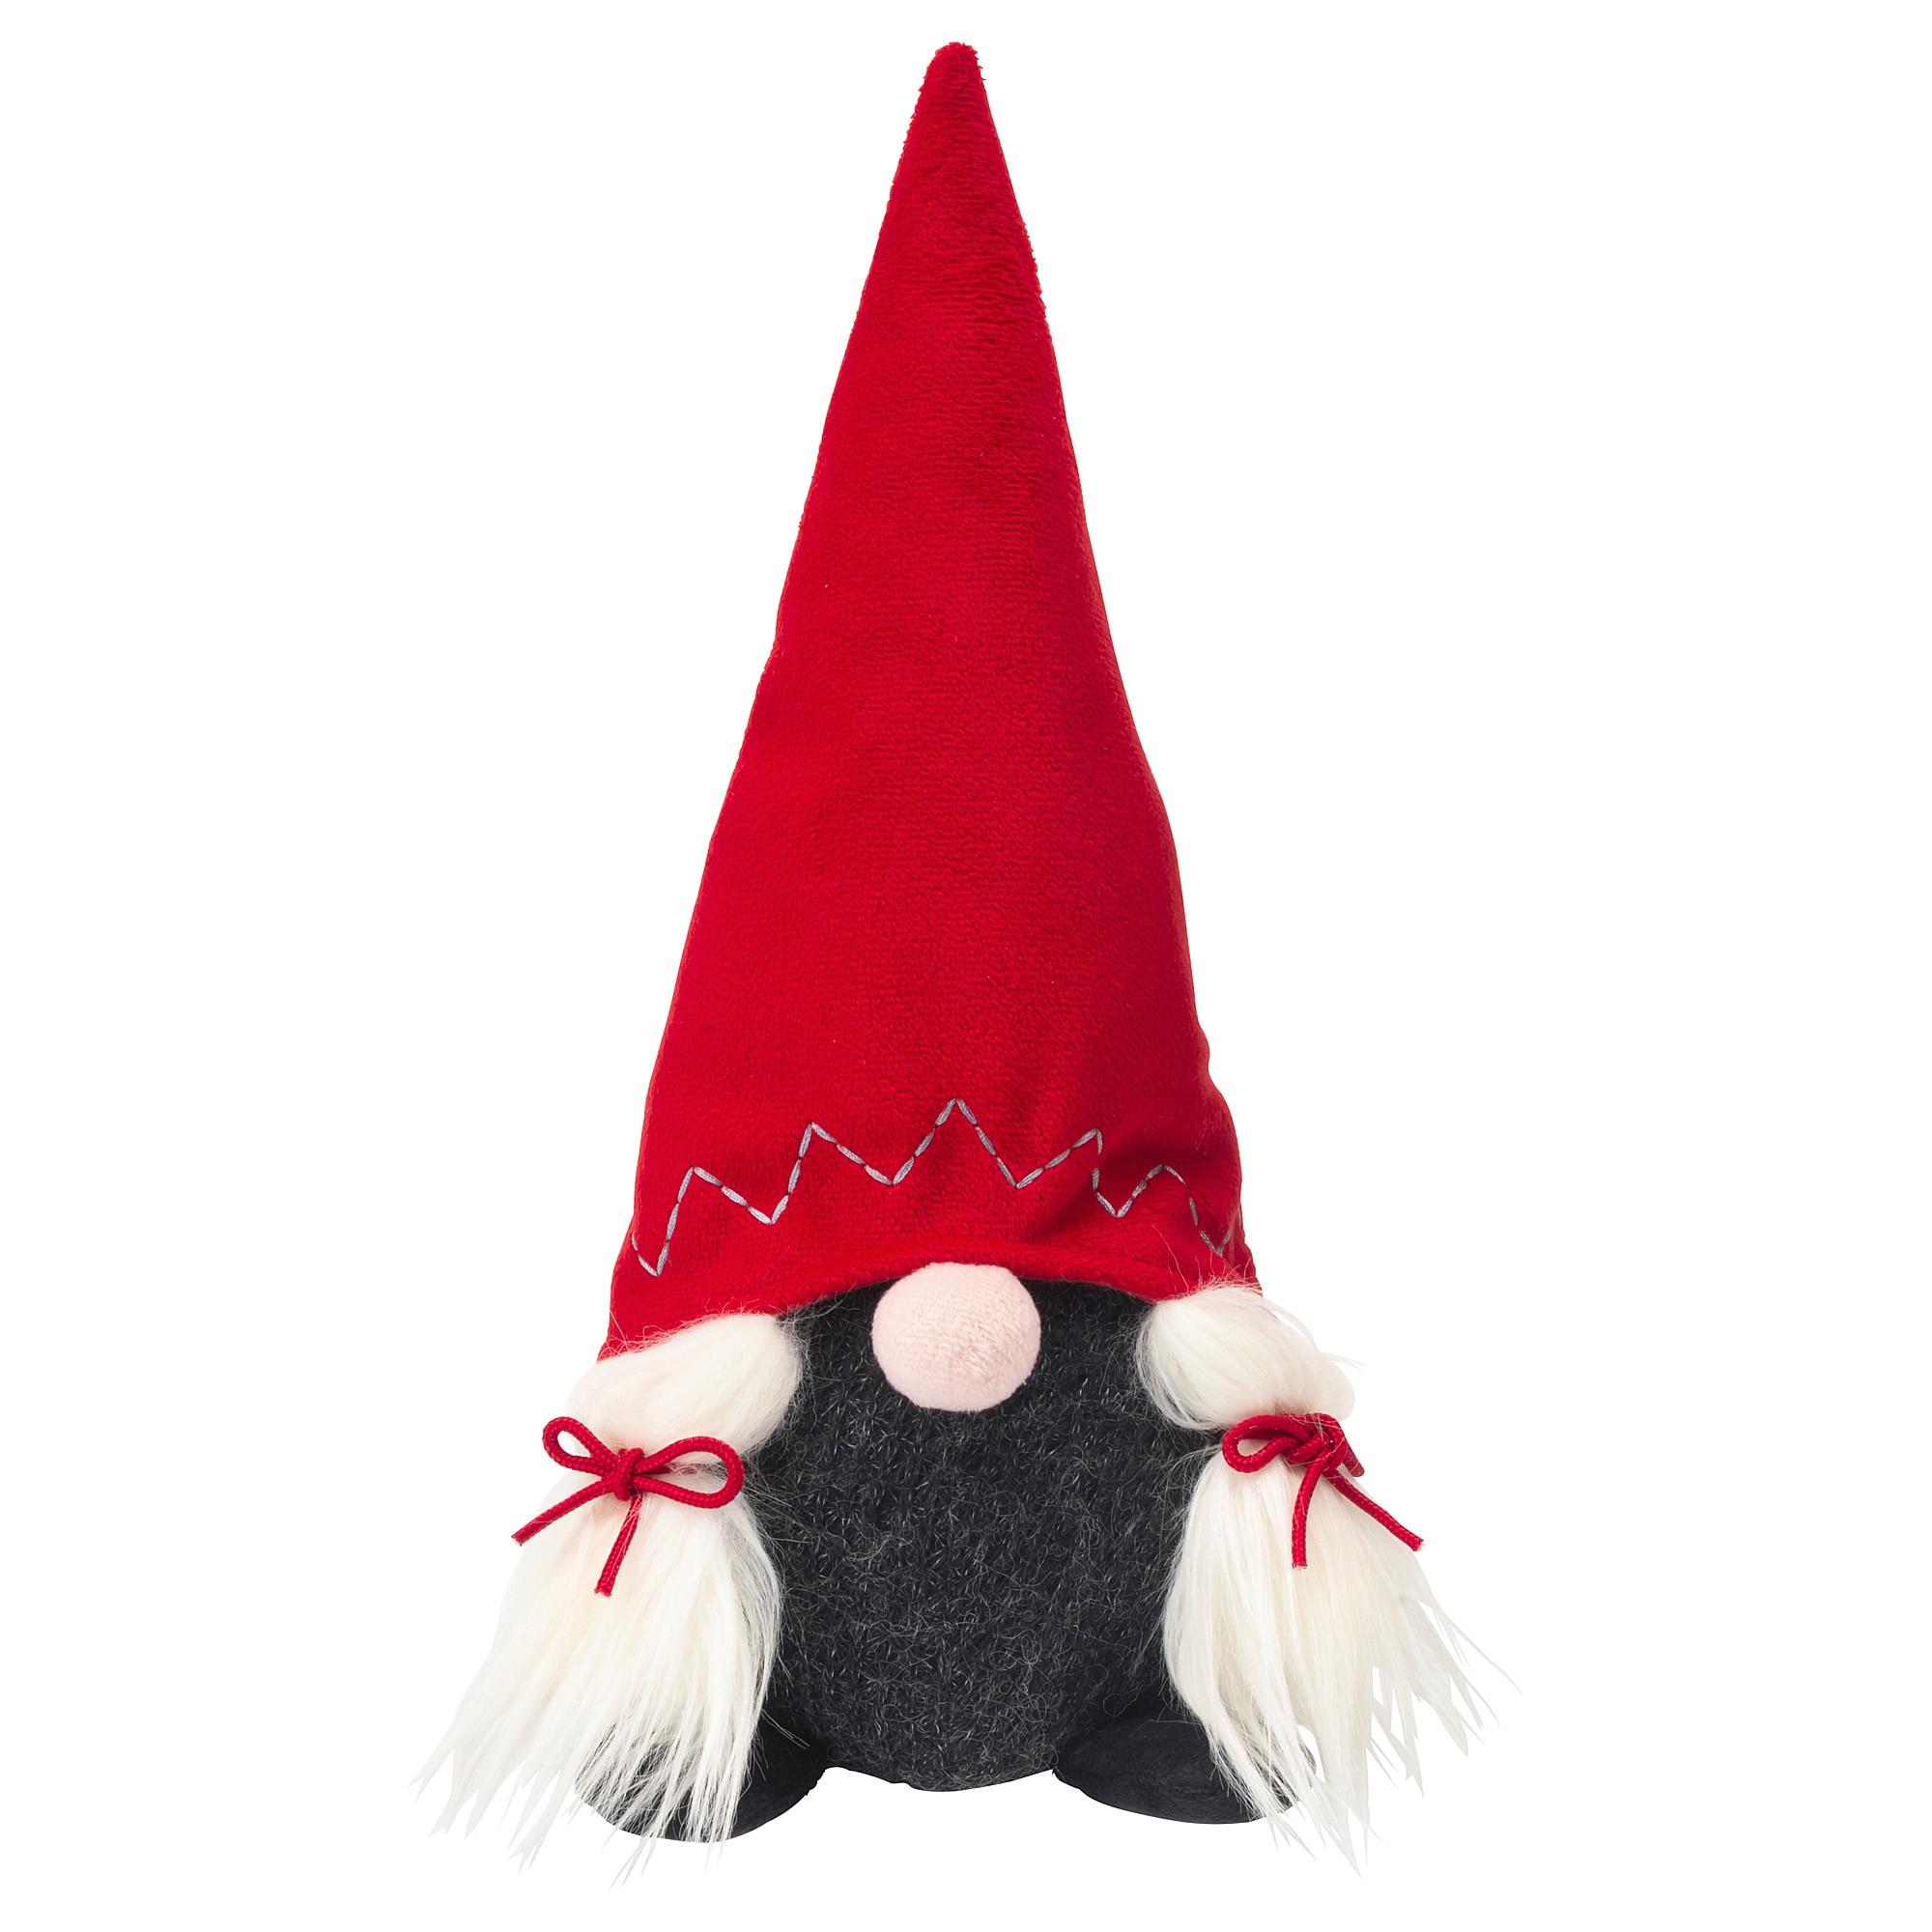 Мягкая игрушка, Санта ВИНТЕР 2018 красный артикуль № 104.267.62 в наличии. Онлайн сайт IKEA Республика Беларусь. Недорогая доставка и установка.